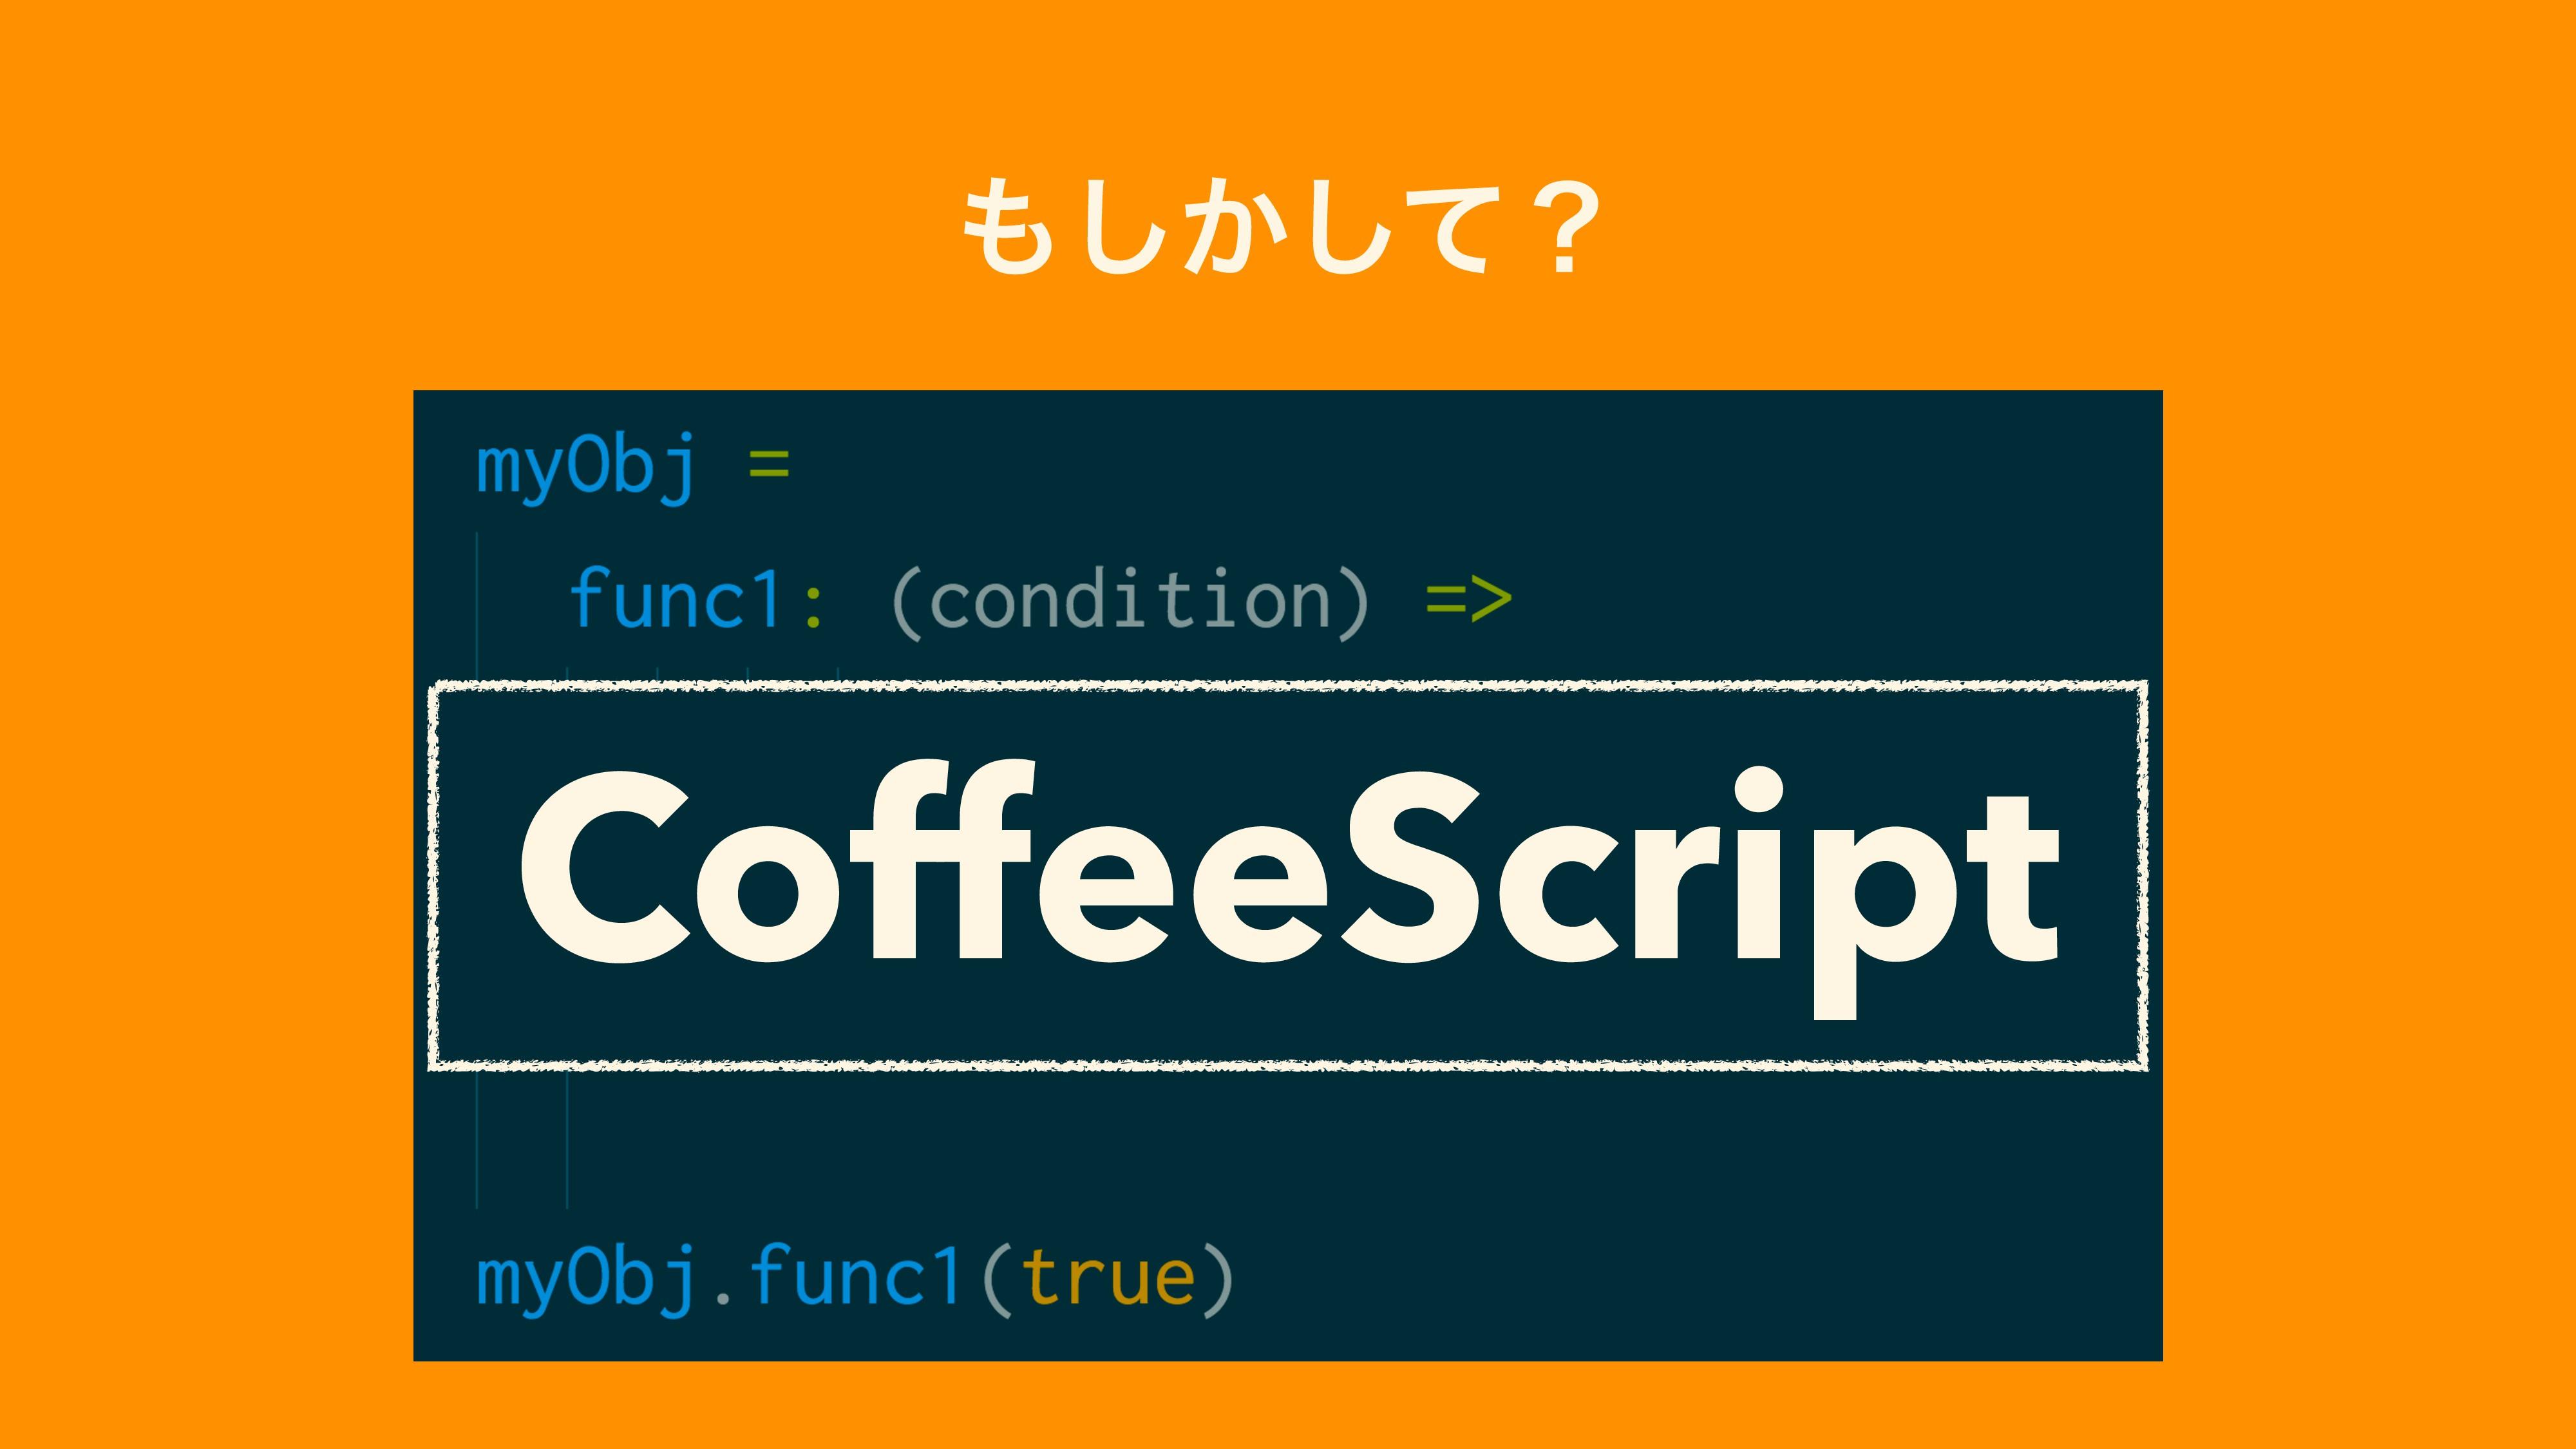 ͔ͯ͠͠ʁ CoffeeScript